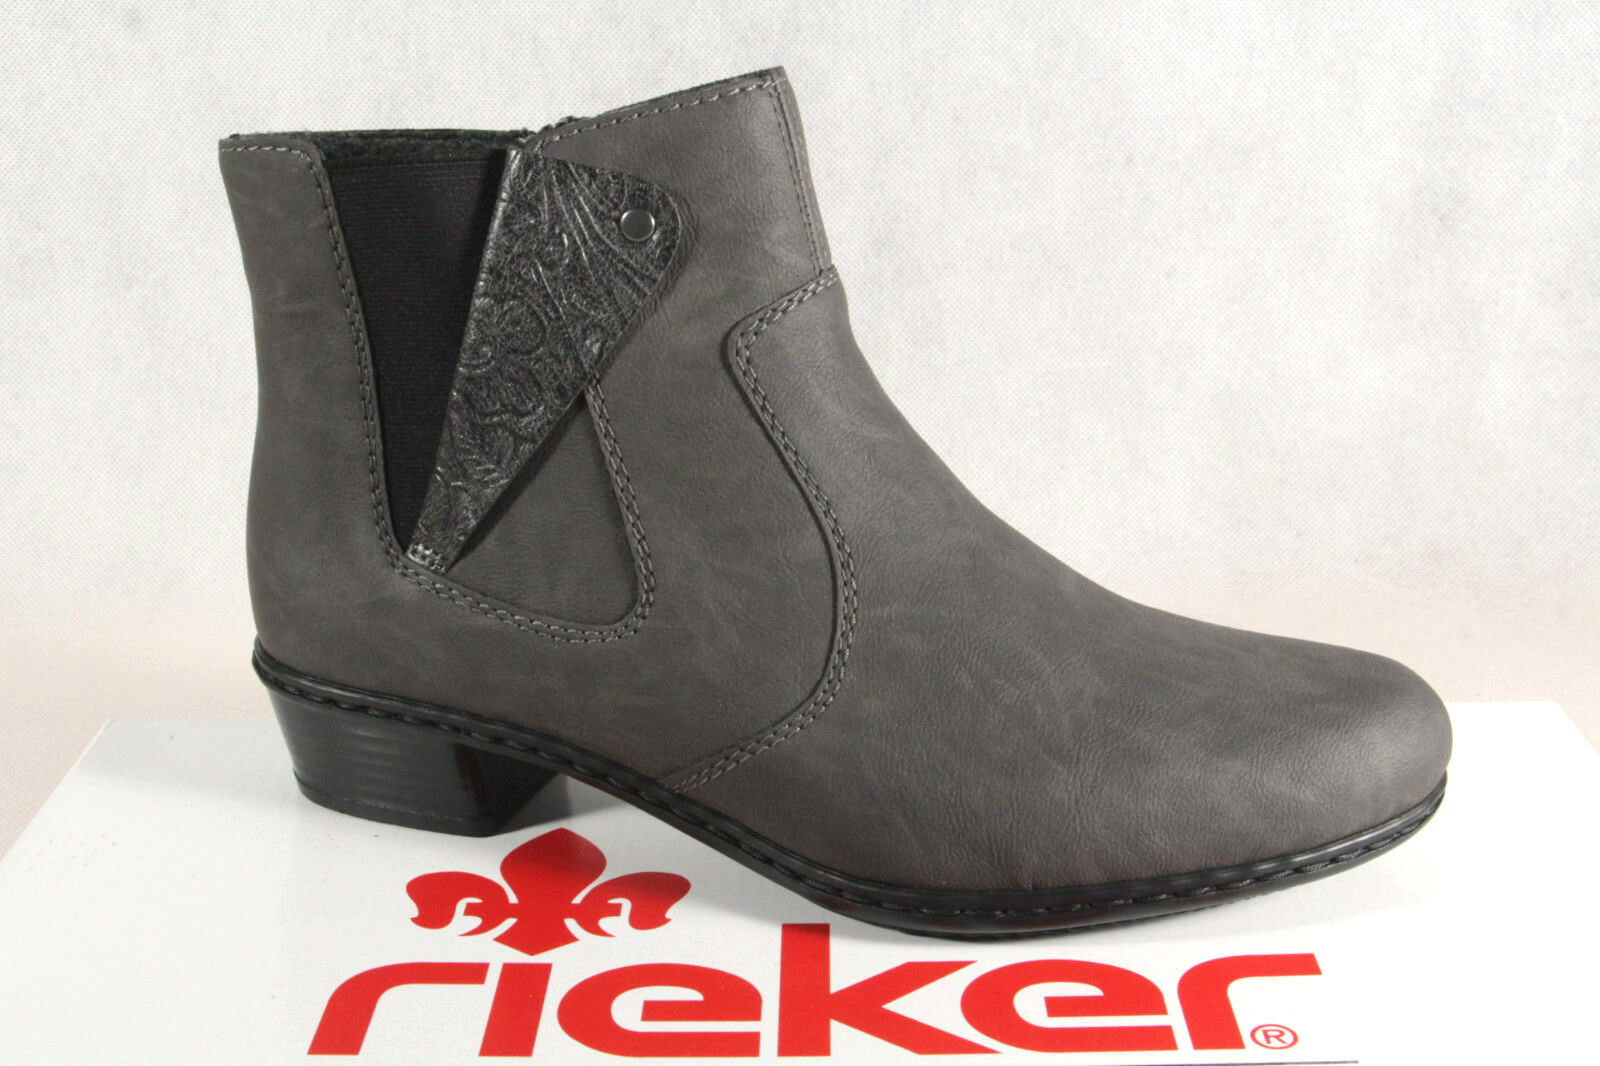 Rieker Damen Stiefel Stiefelette Stiefel grau Reißverschluß Y0741 NEU